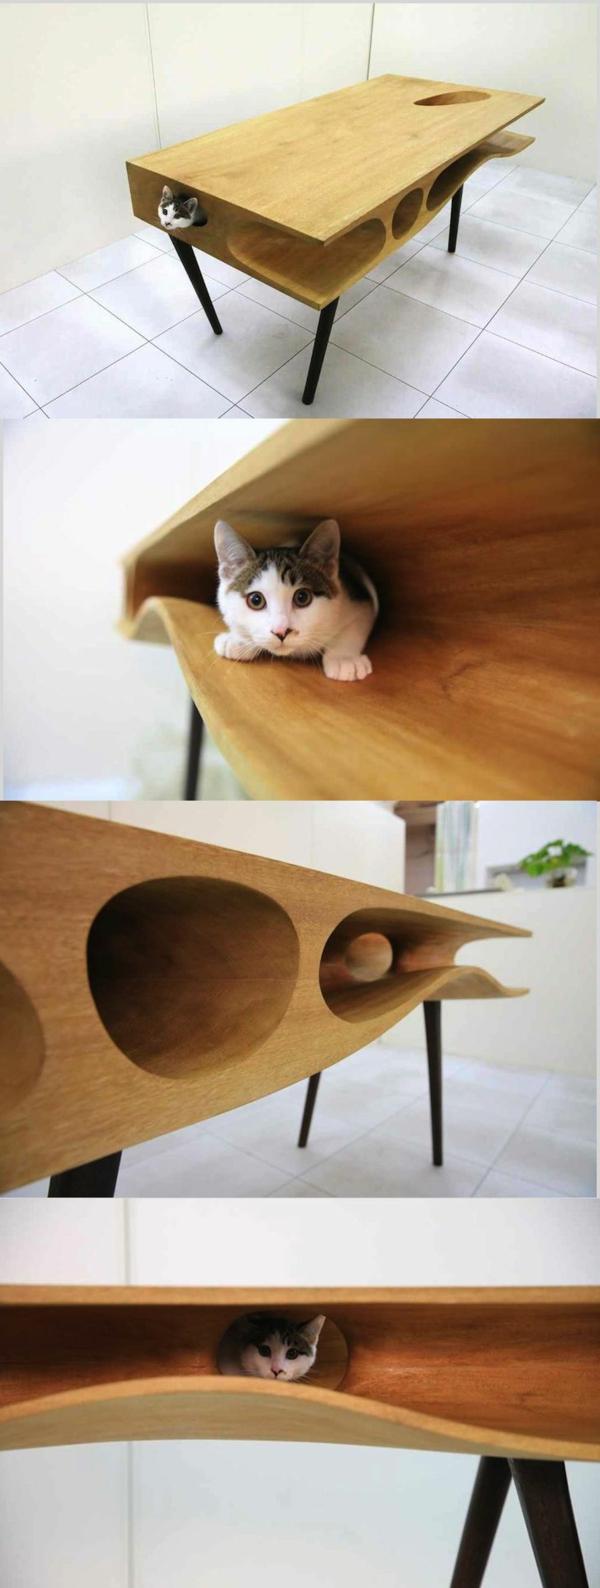 design-katzenmöbel-chuchu-ny-schreibtisch